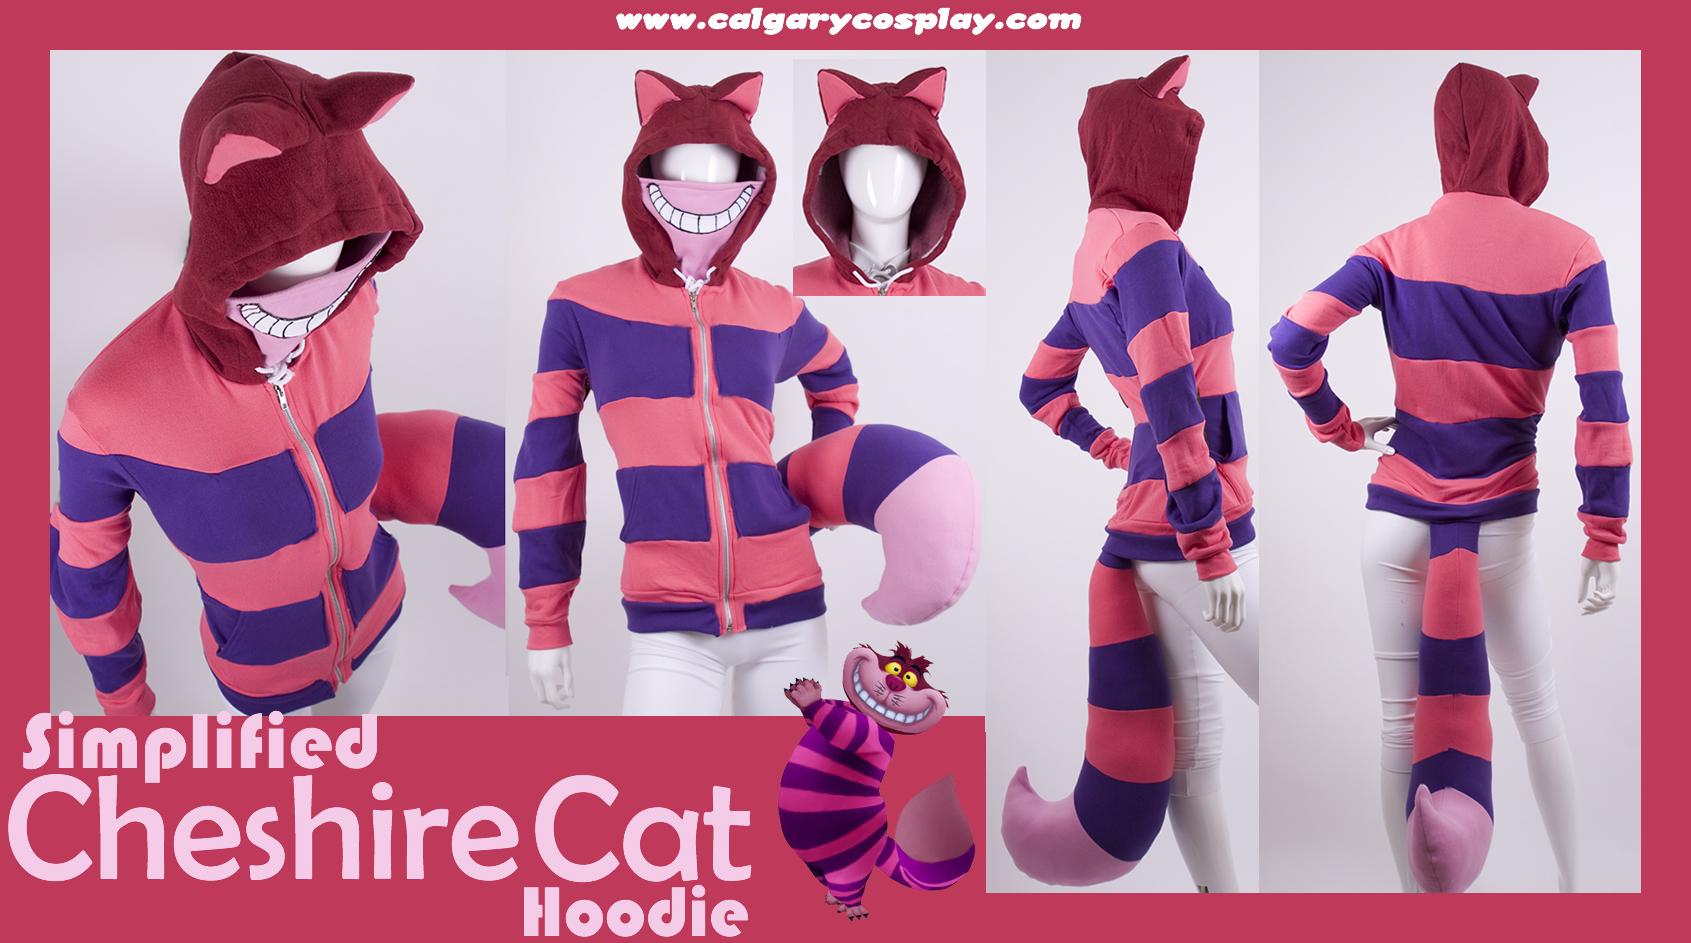 Guiping Pink Cheshire Cat Graphic Logo Teen Hooded Sweate Sweatshirt Black